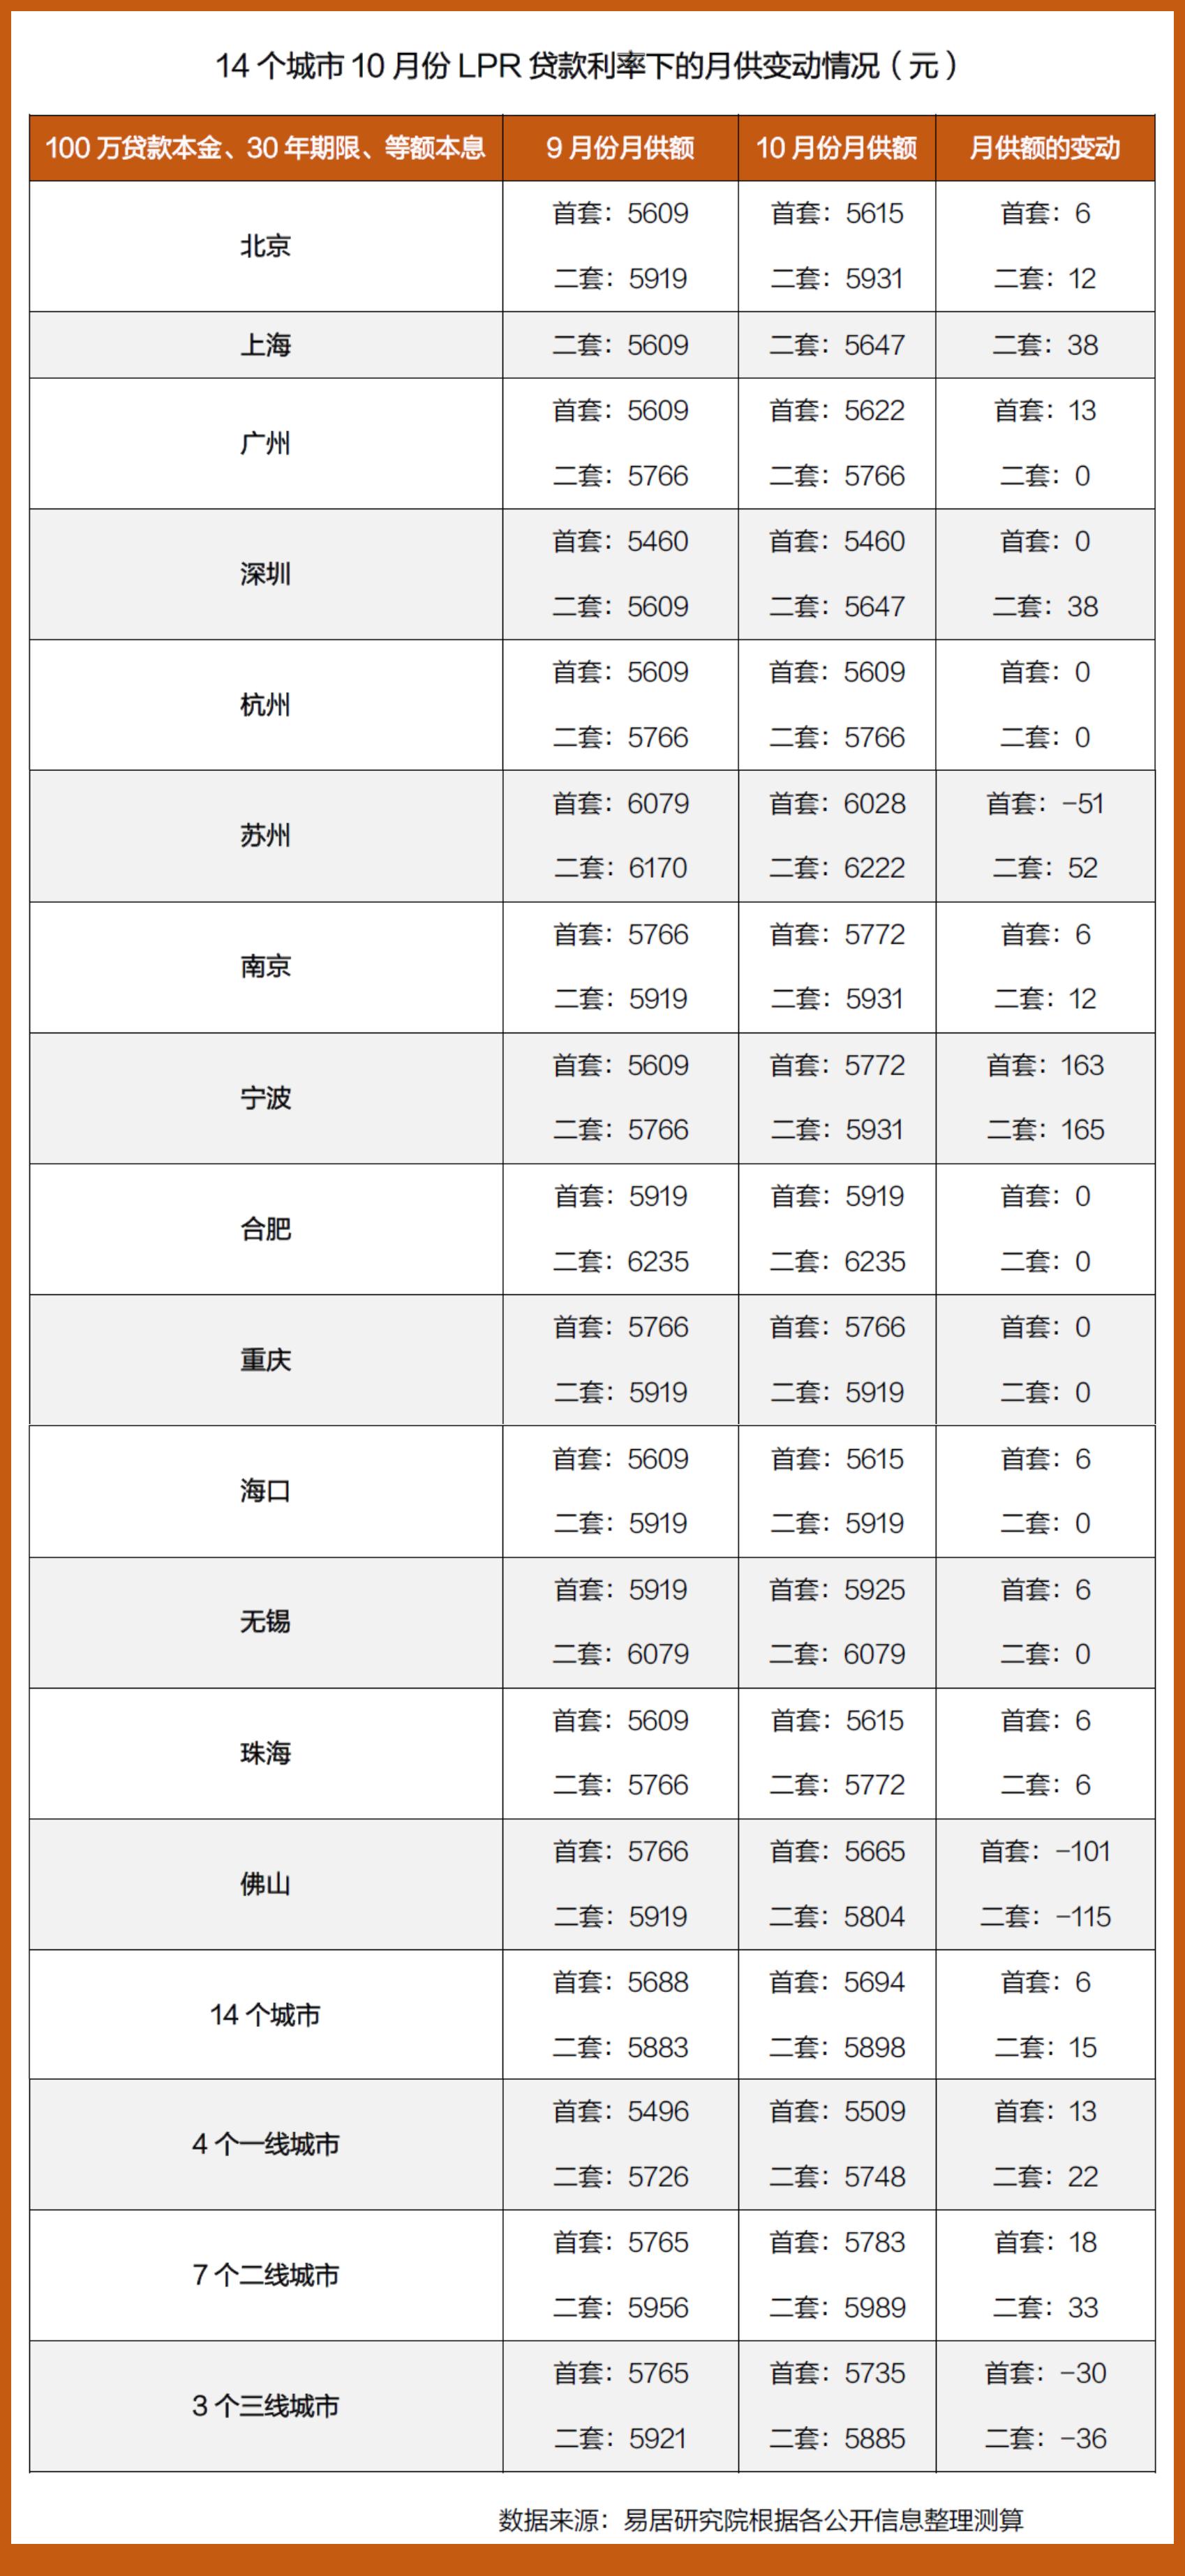 华海药业:拟中标本次集采 中标产品占18年收入14%